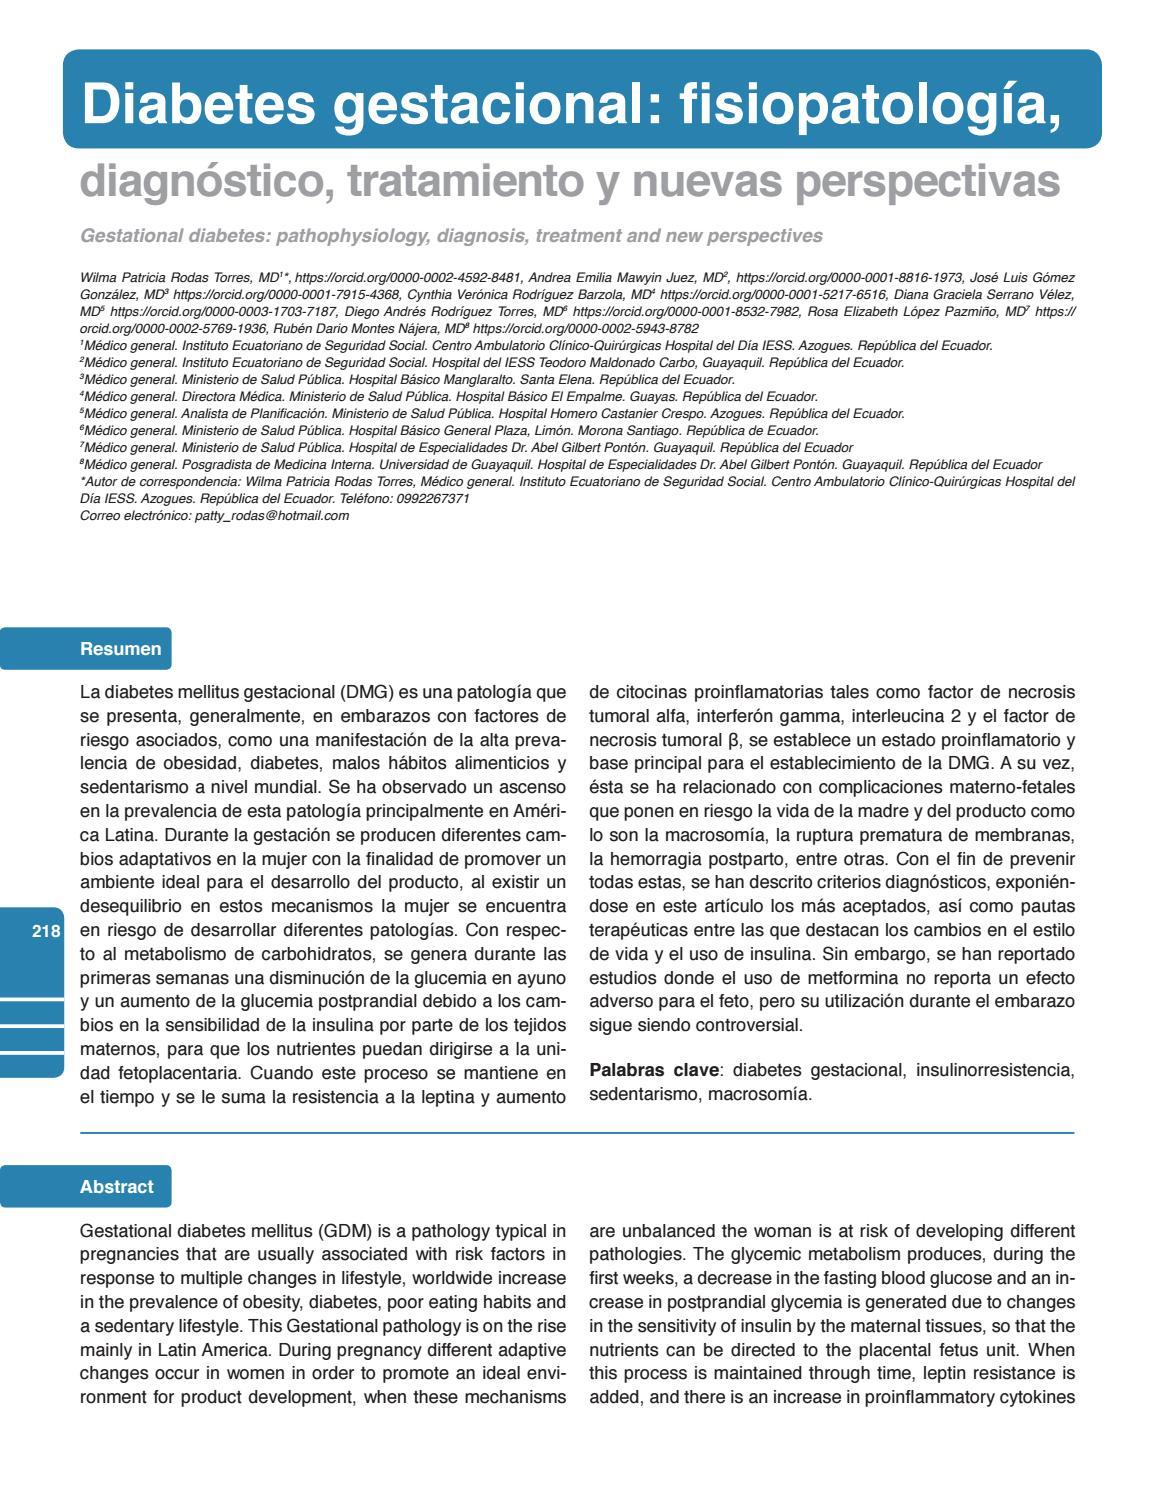 lactogeno placentario humano diabetes gestacional que